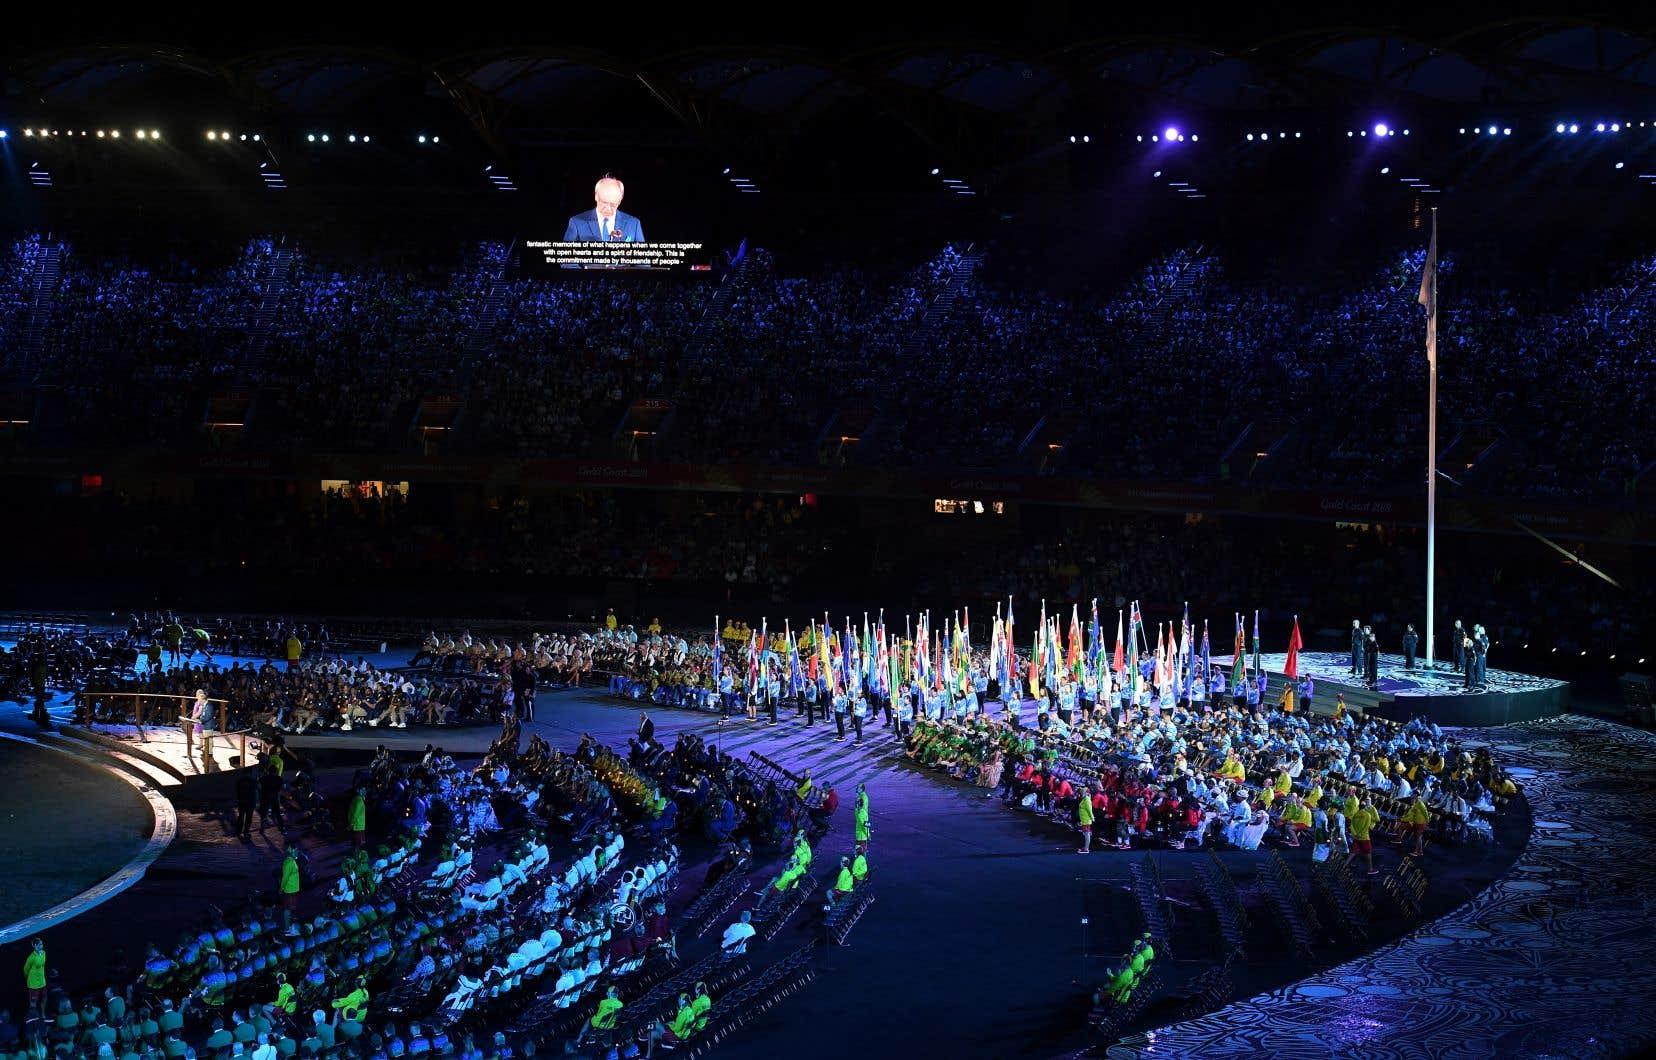 Les organisateurs australiens des Jeux du Commonwealth ont appelé les athlètes à respecter les lois.